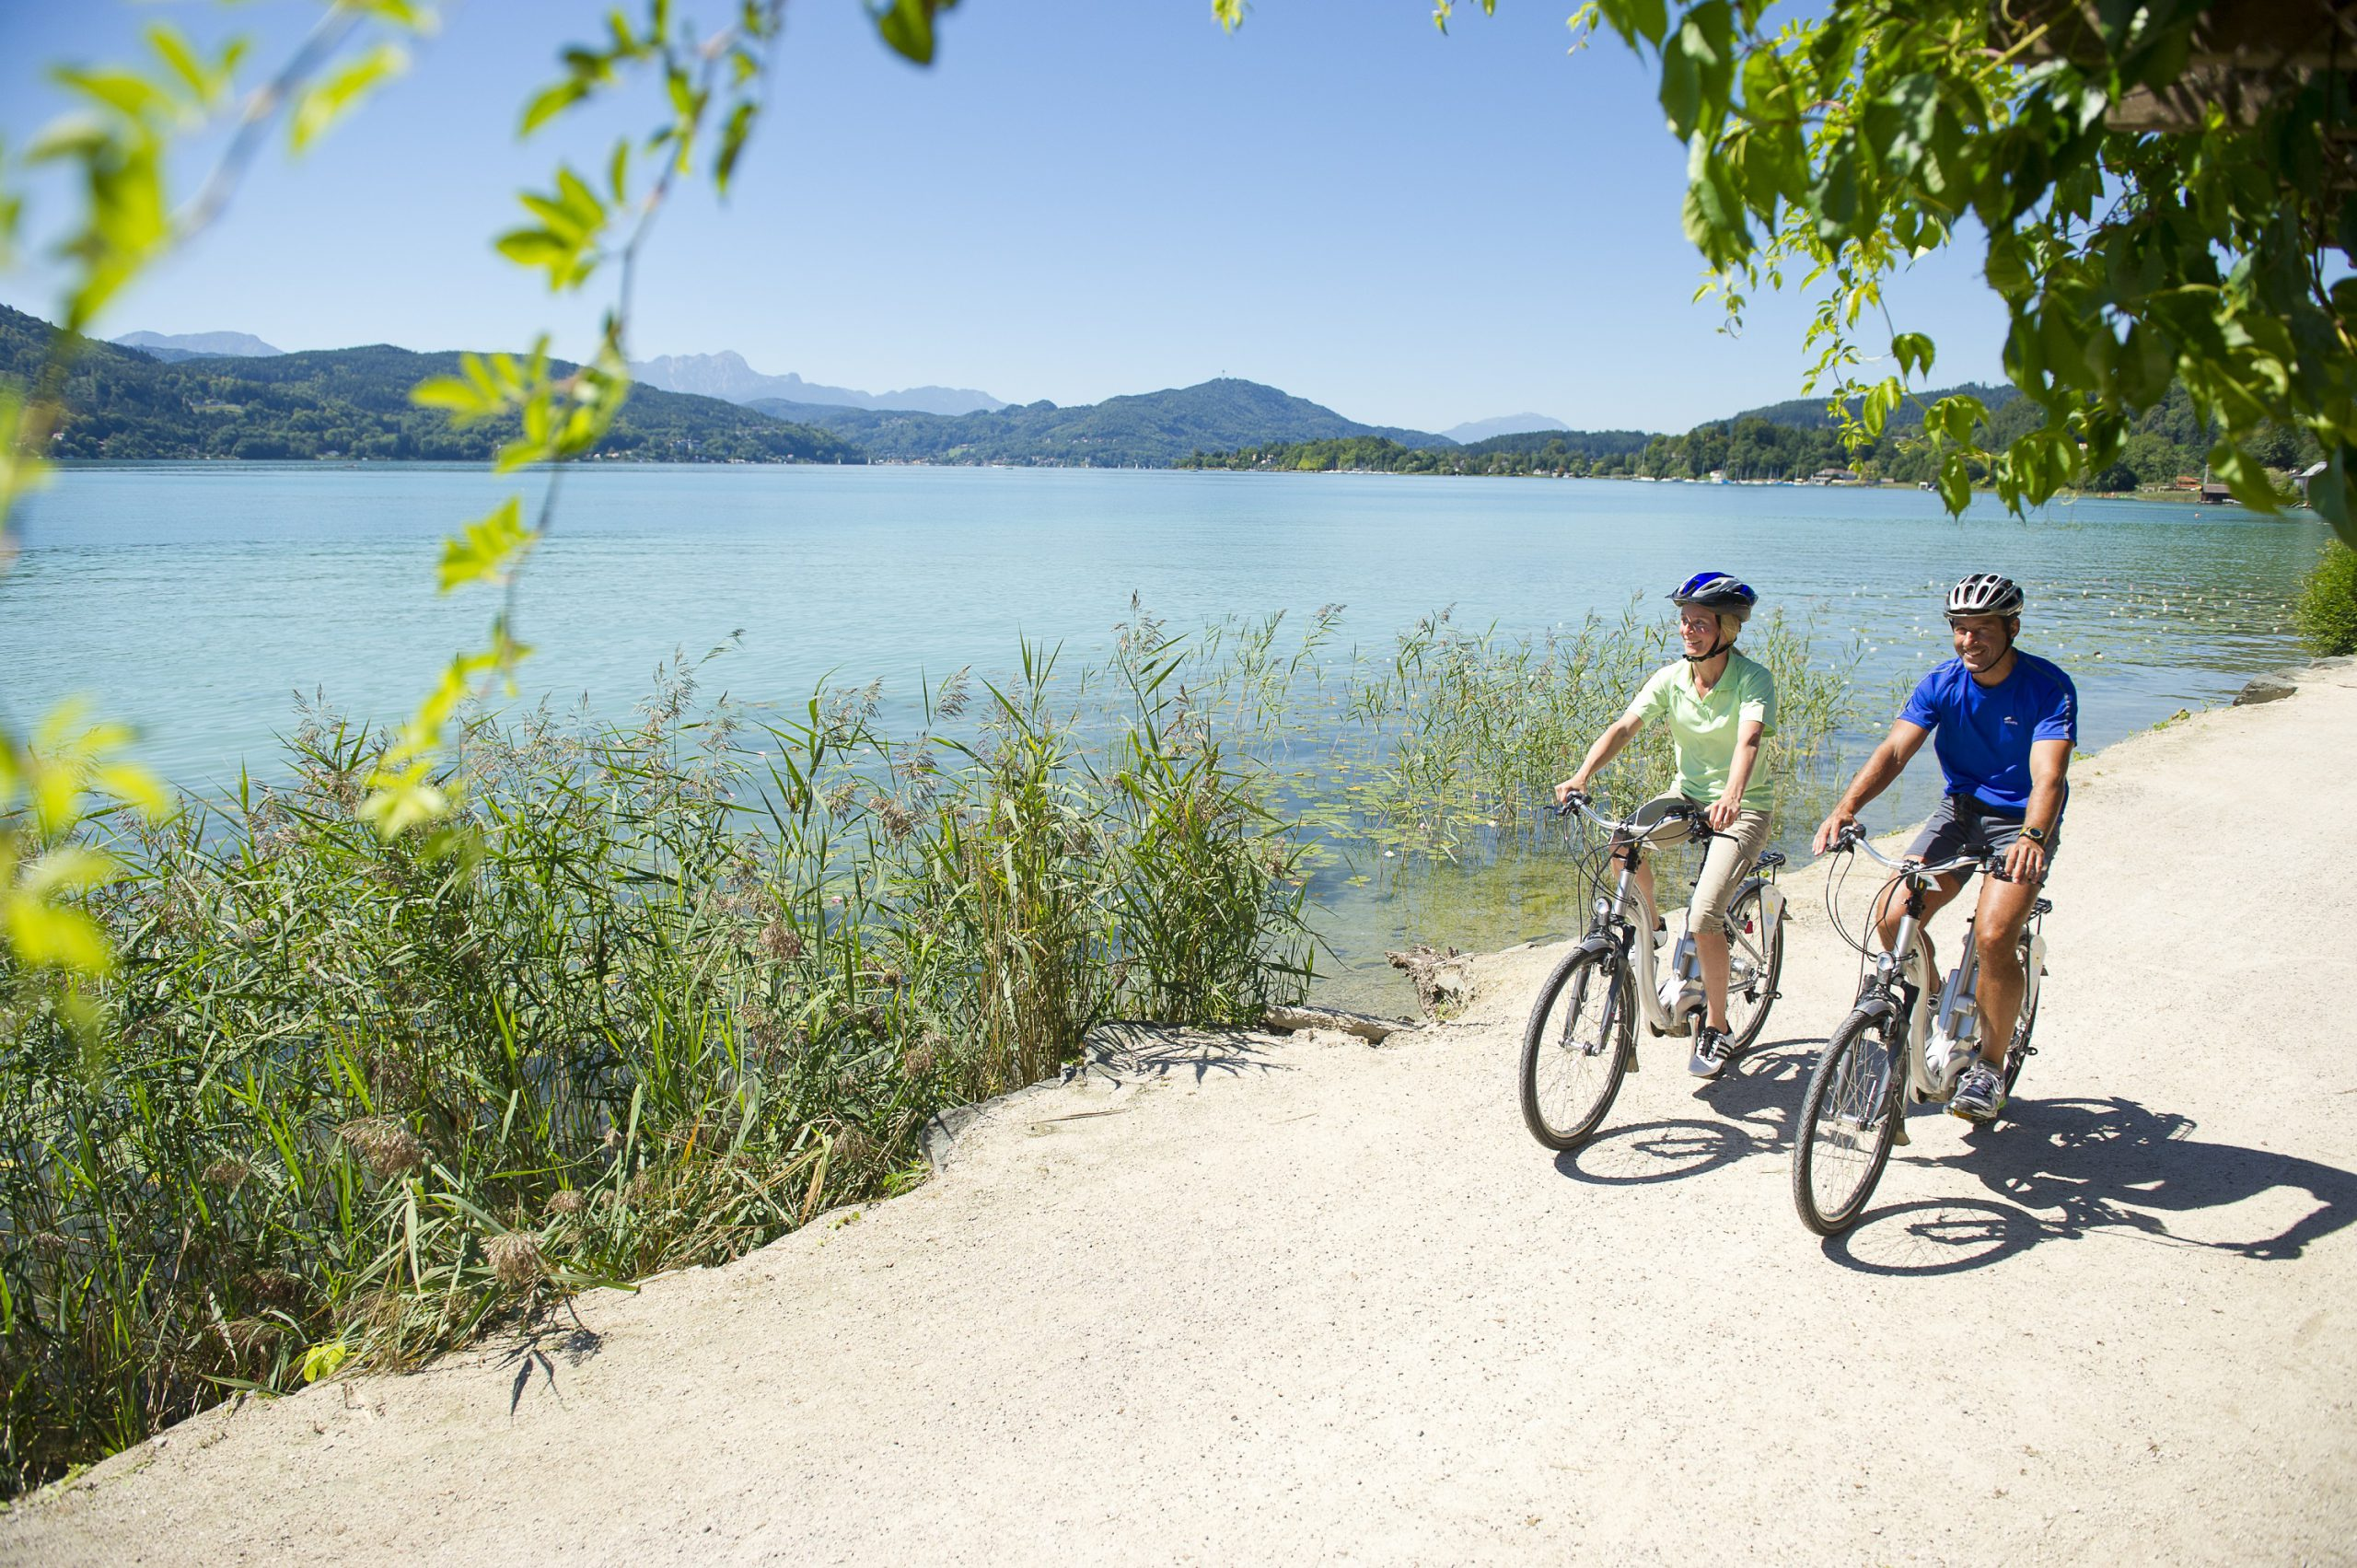 Der Wörthersee lädt zum Baden und Radfahren ein